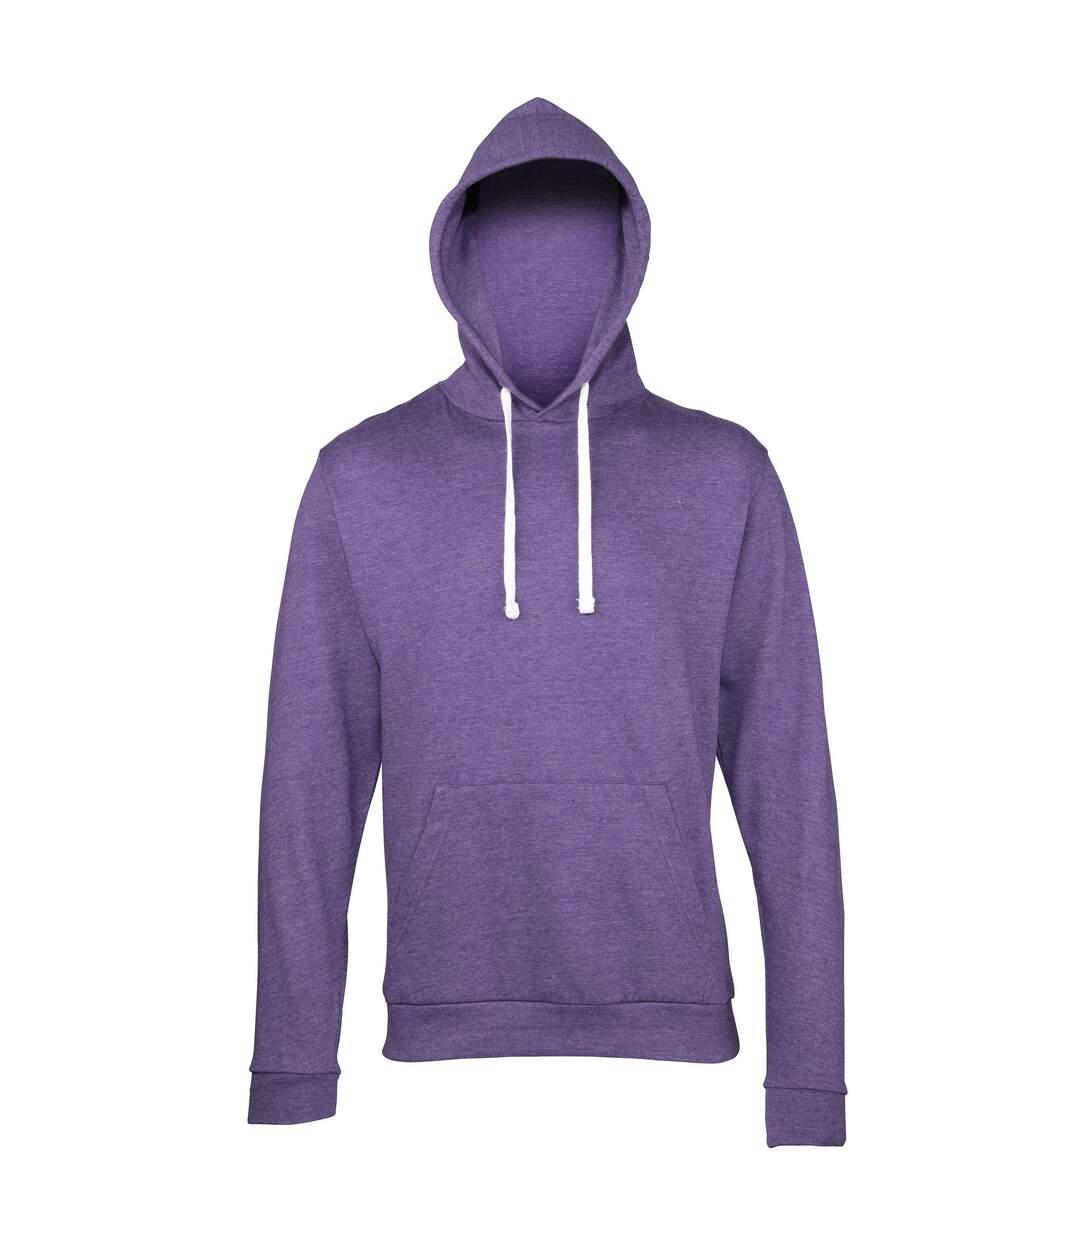 Awdis Adults Unisex Heather Hooded Sweatshirt / Hoodie (Navy Heather) - UTRW168